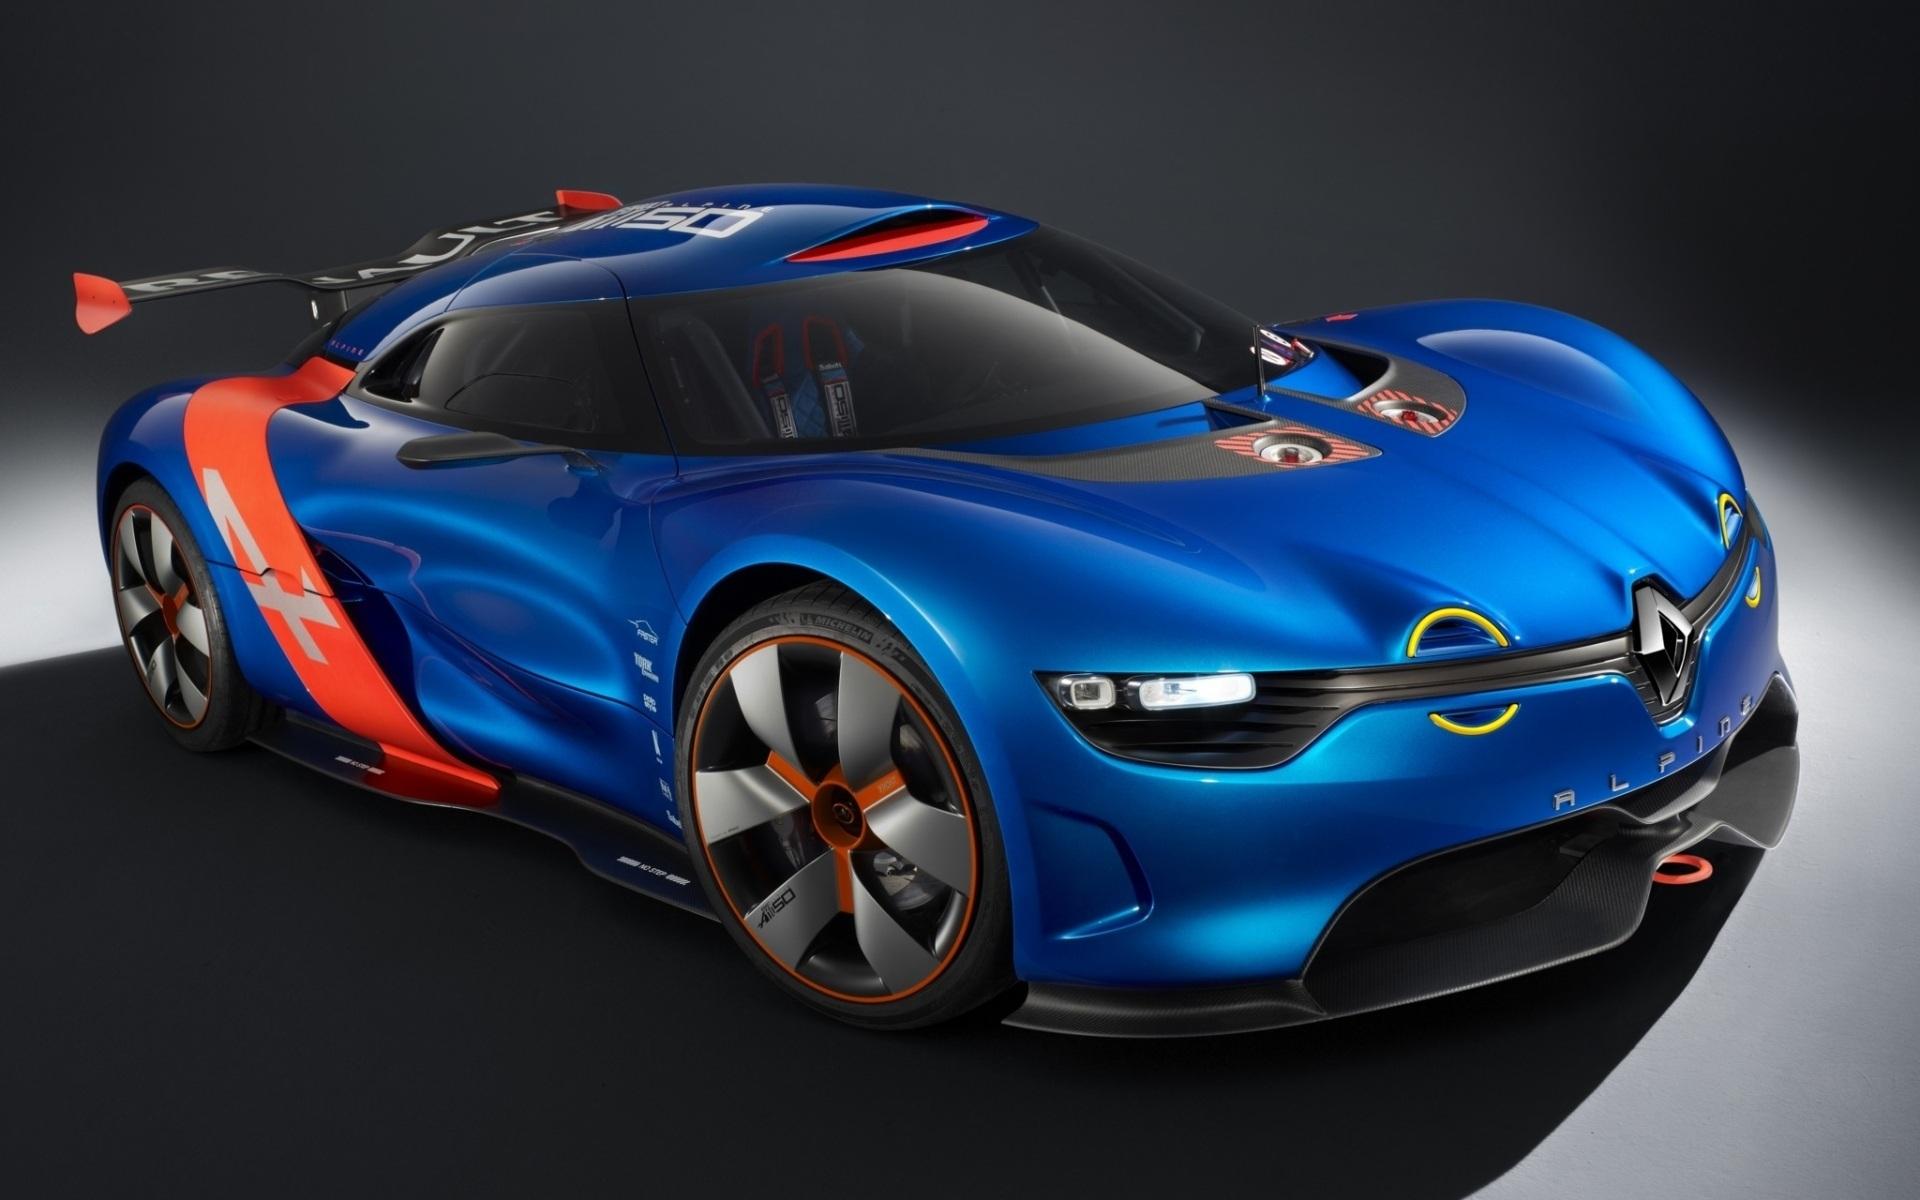 спортивный автомобиль peugeot concept sports car  № 958991 загрузить